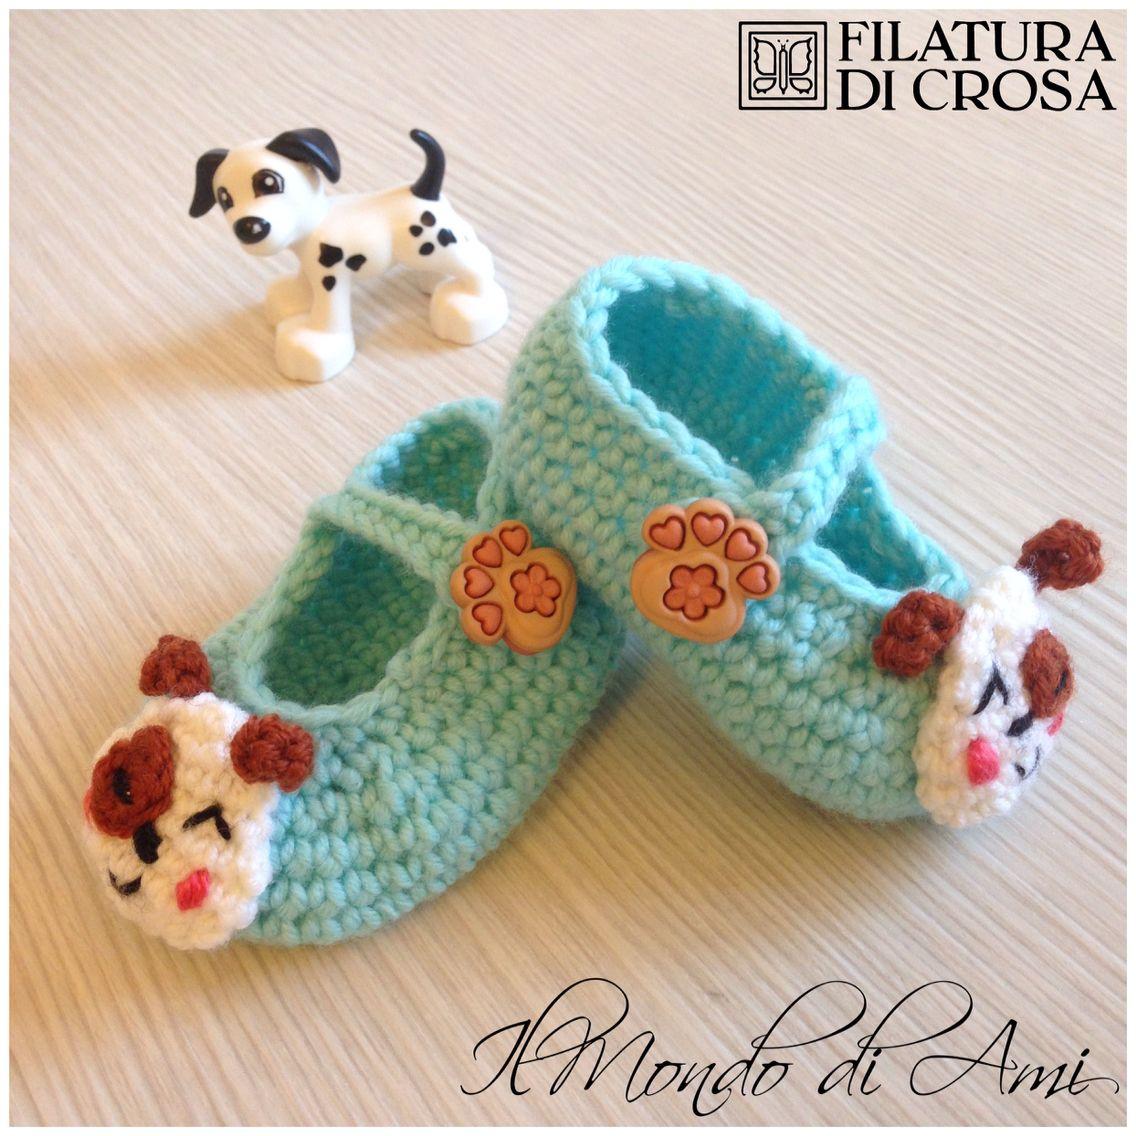 Scarpine neonato realizzate con filato Zara, Excellent Baby Filatura di Crosa #scarpine #neonato #baby #shoes #babyshoes #amigurumi #crochet #uncinetto #handmade #fattoamano #filato